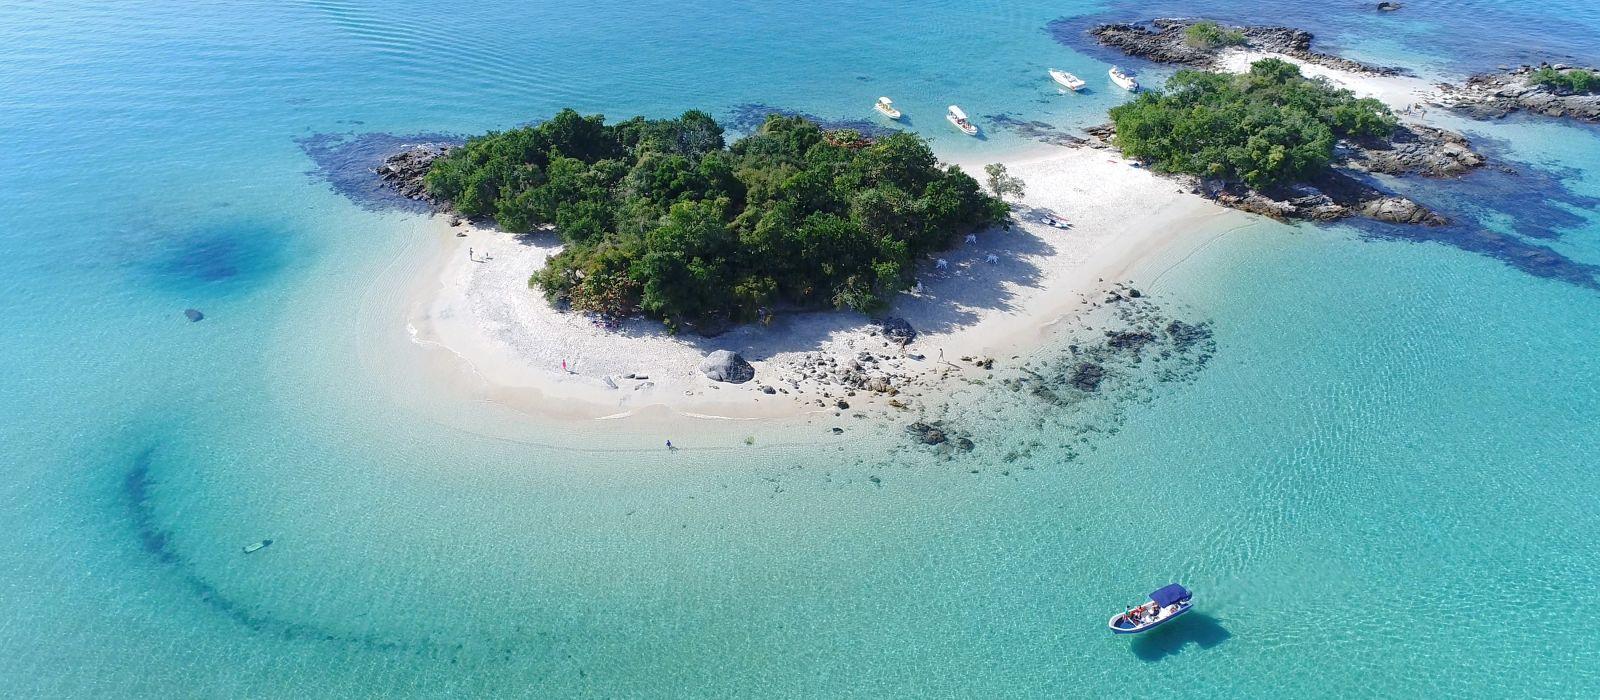 Island of Cataguas - Angra dos Reis - Rio de Janeiro - Brazil, South America